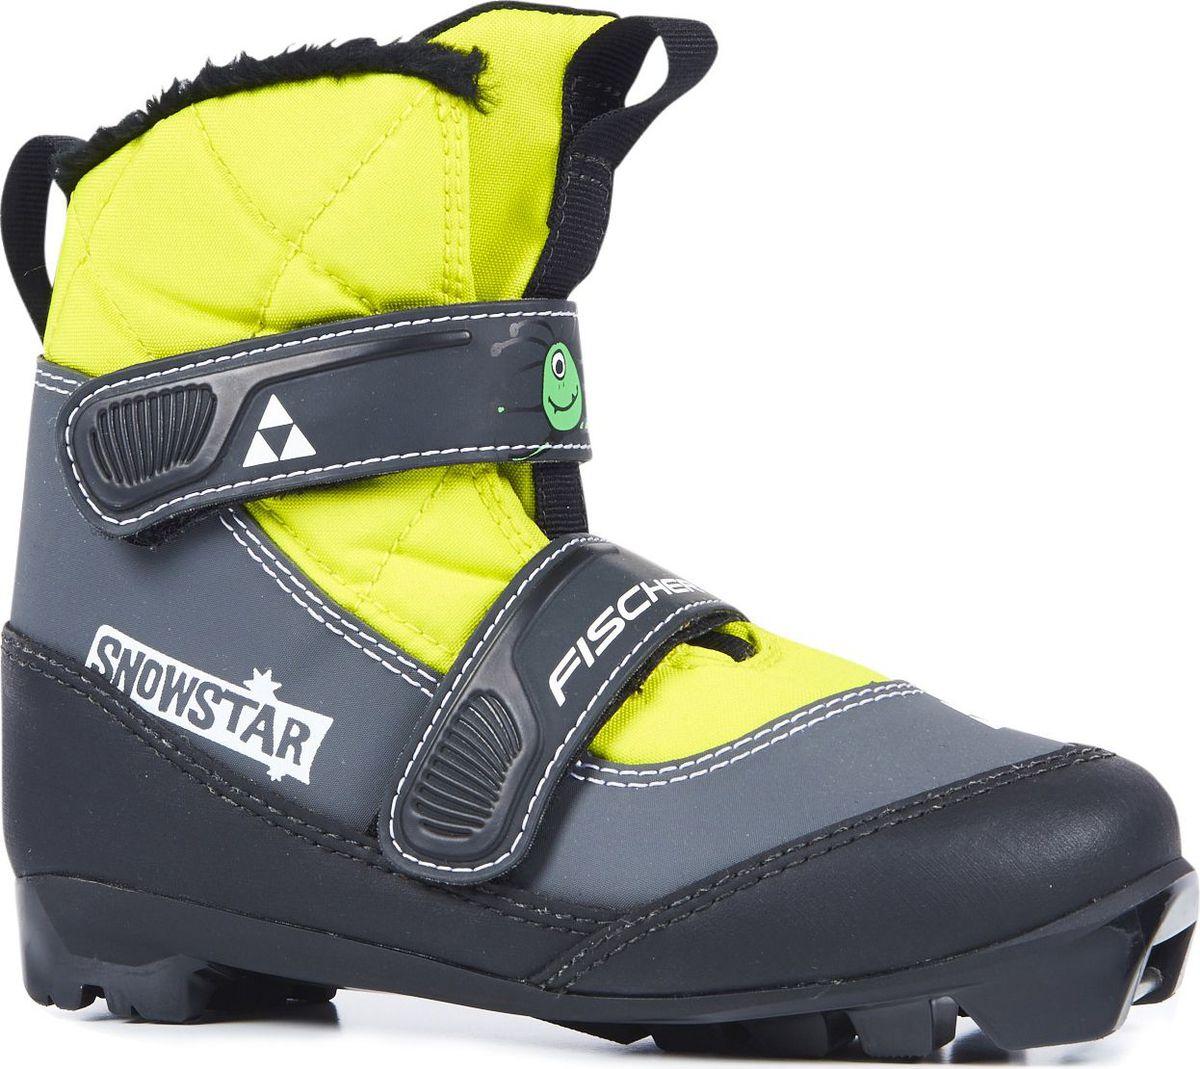 Ботинки лыжные для мальчика Fischer Snowstar, цвет: желтый. S41017. Размер 26S41017Лыжные ботинки Fischer Snowstar - модель для самых маленьких лыжников. Комфортная мягкая подошва, водоотталкивающий утеплитель Comfort Guard дополнительно защищает от холода и влаги, удобная застежка-липучка облегчает надевание. В ботинках удобно не только кататься, но и гулять, играть. Преимущества для потребителей: - Удобно надевать и снимать. - Очень теплые. - Подходят для катания и игр на снегу.Как выбрать лыжи ребёнку. Статья OZON Гид